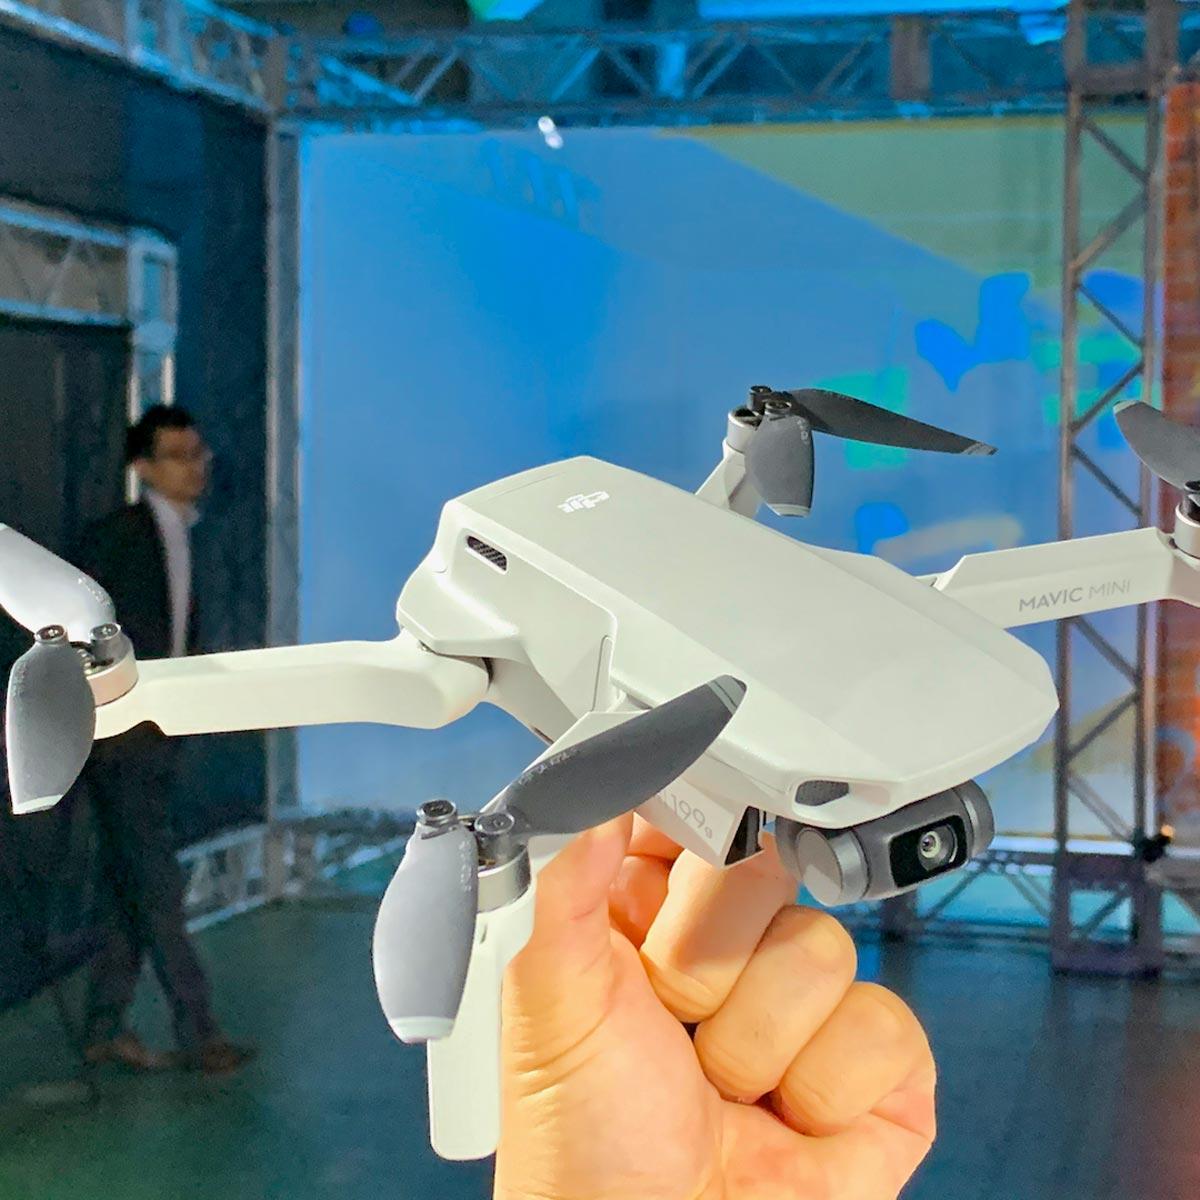 憧れの空撮がグッと身近に! DJIが軽量199gのドローン「Mavic Mini」を発表